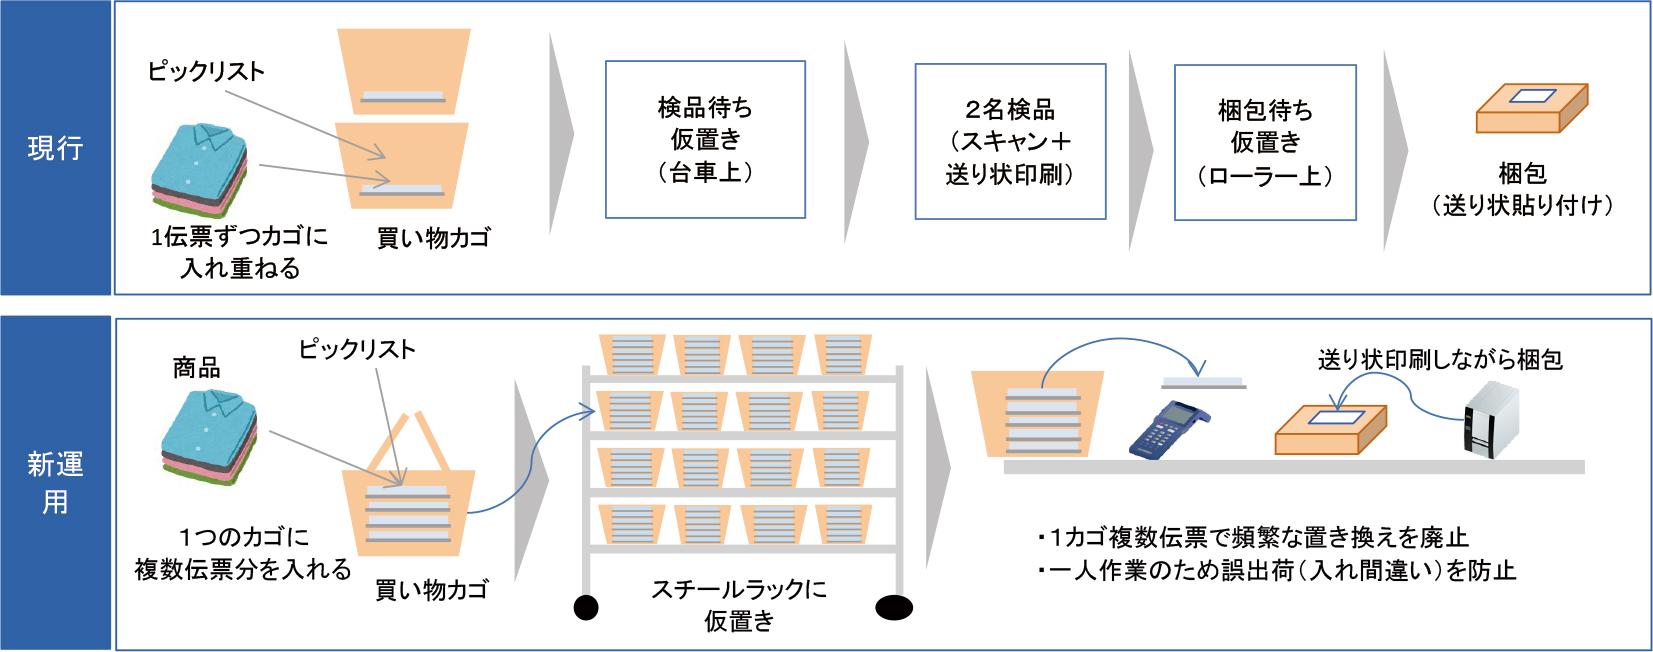 図3.出荷検品・梱包工程の改善施策